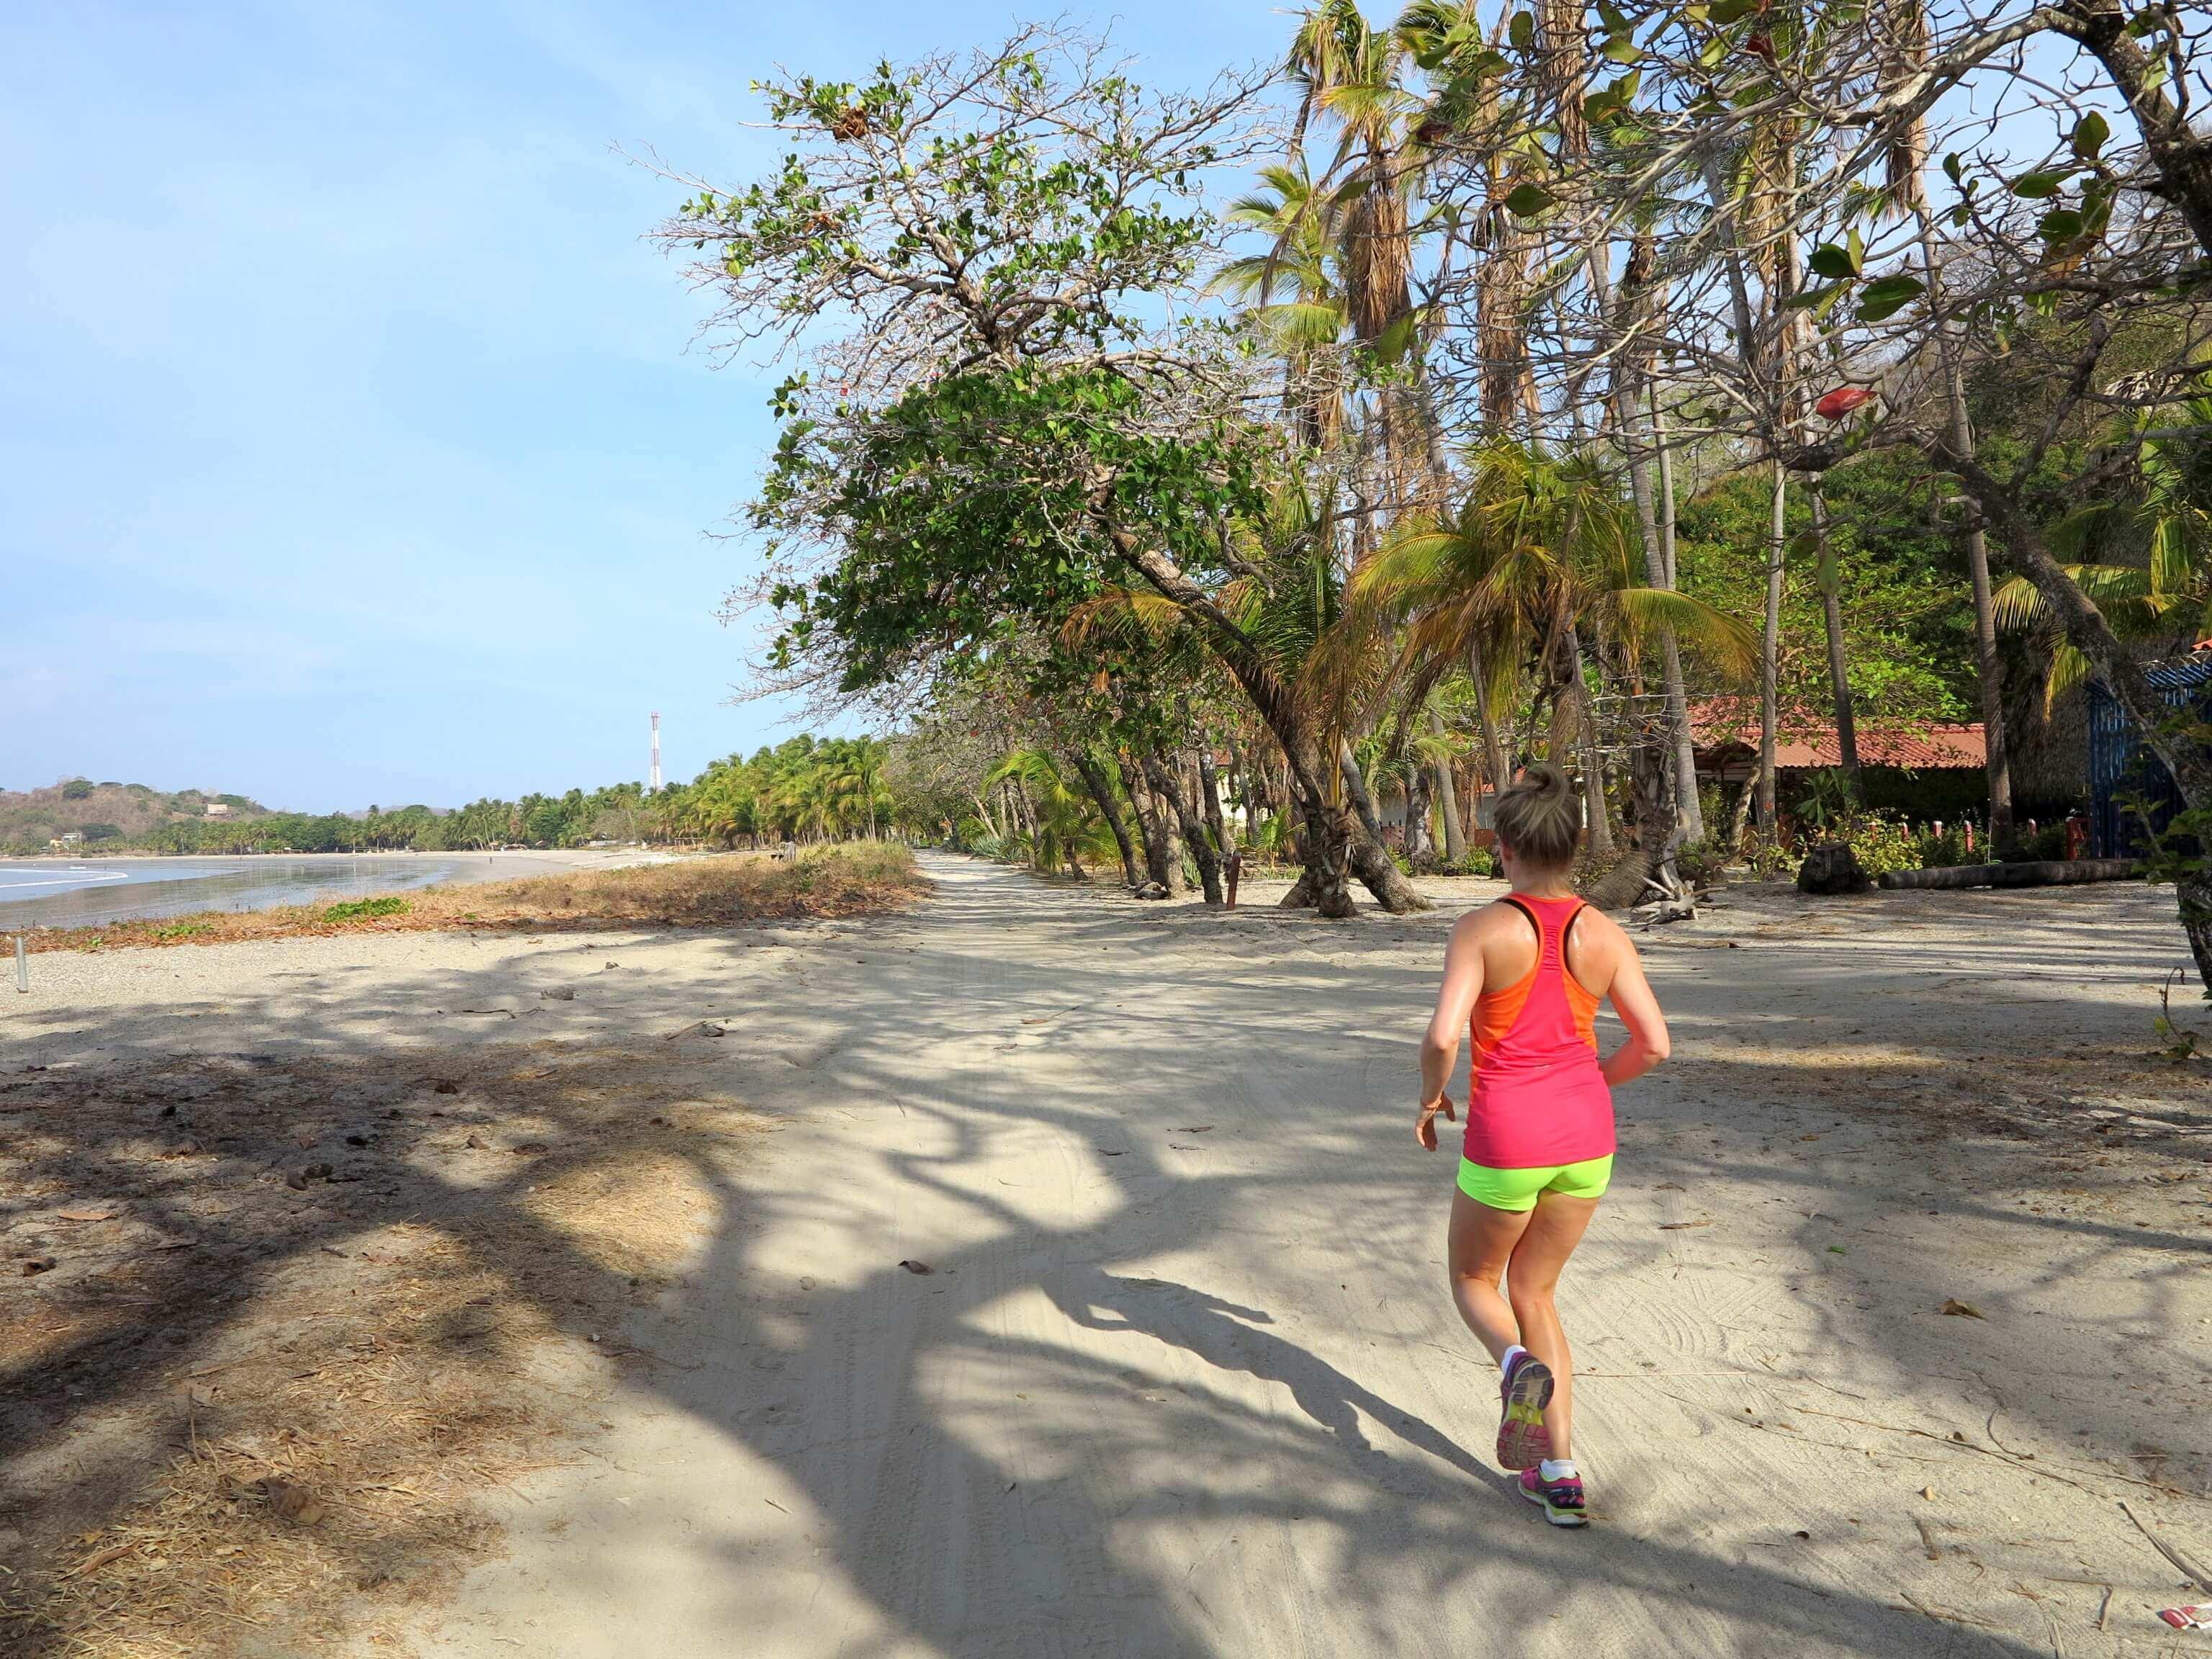 Der lange Beachway lädt zum Joggen am Morgen ein